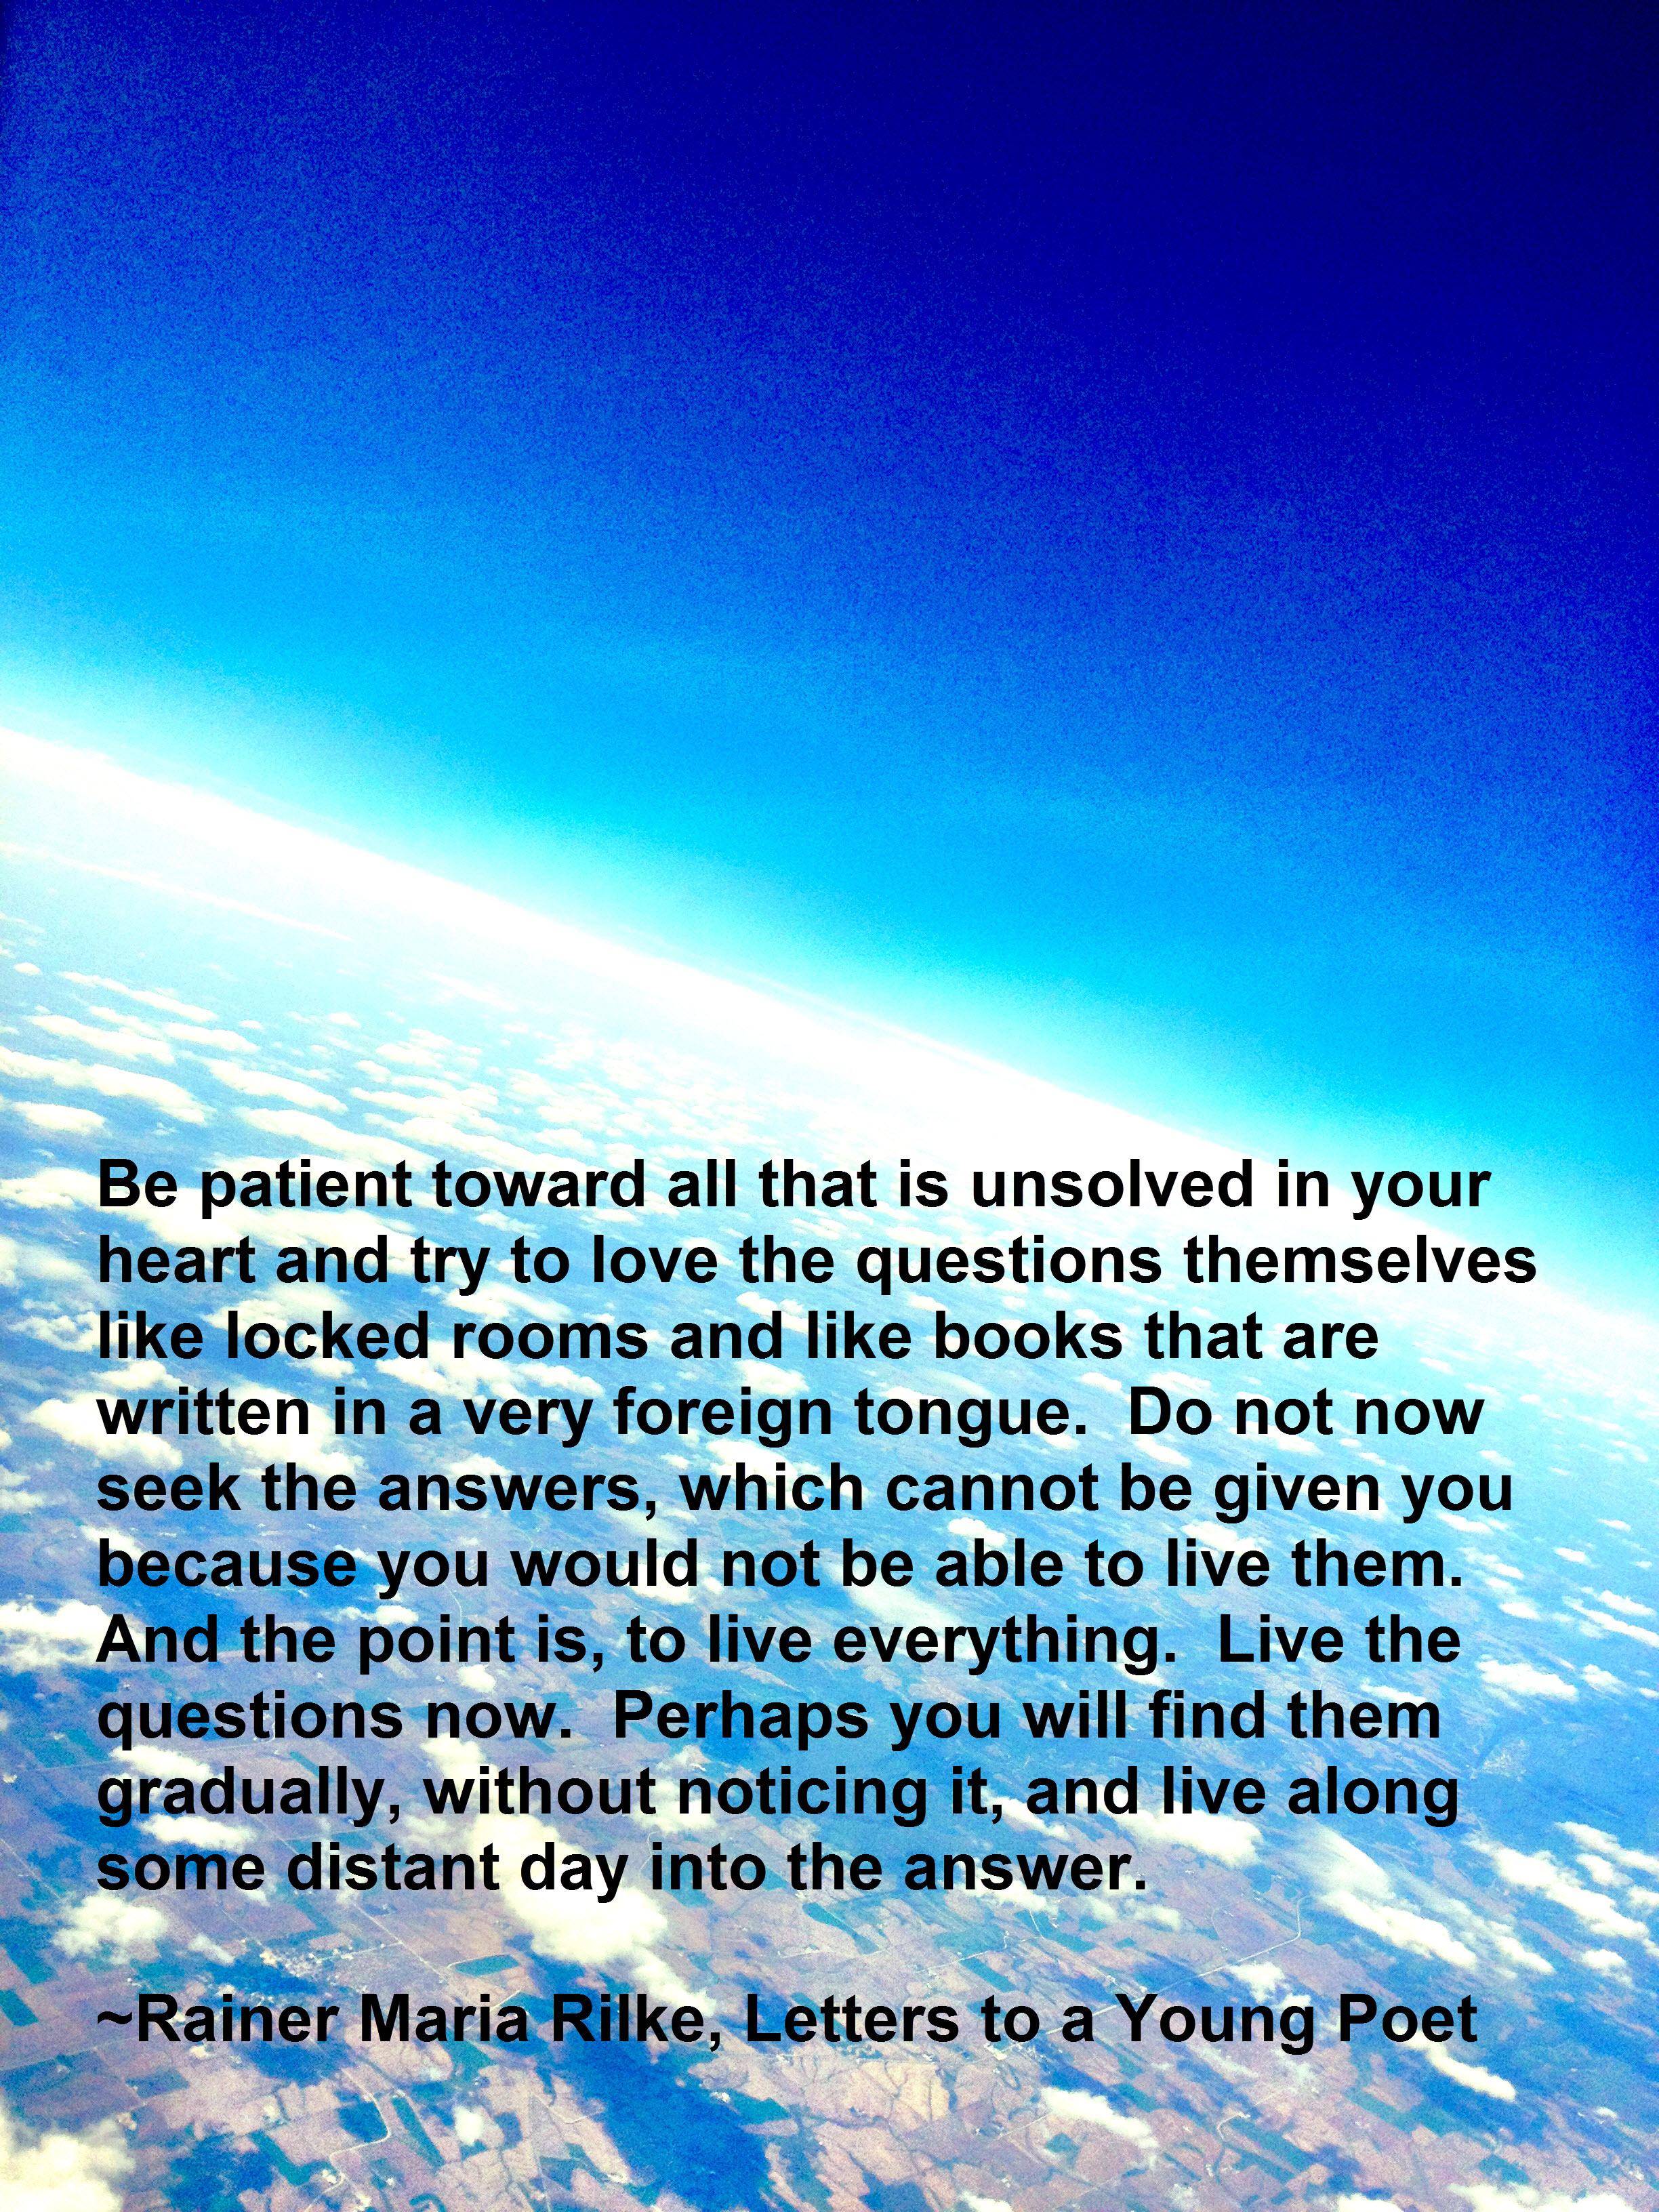 Rainer Maria Rilke's quote #6